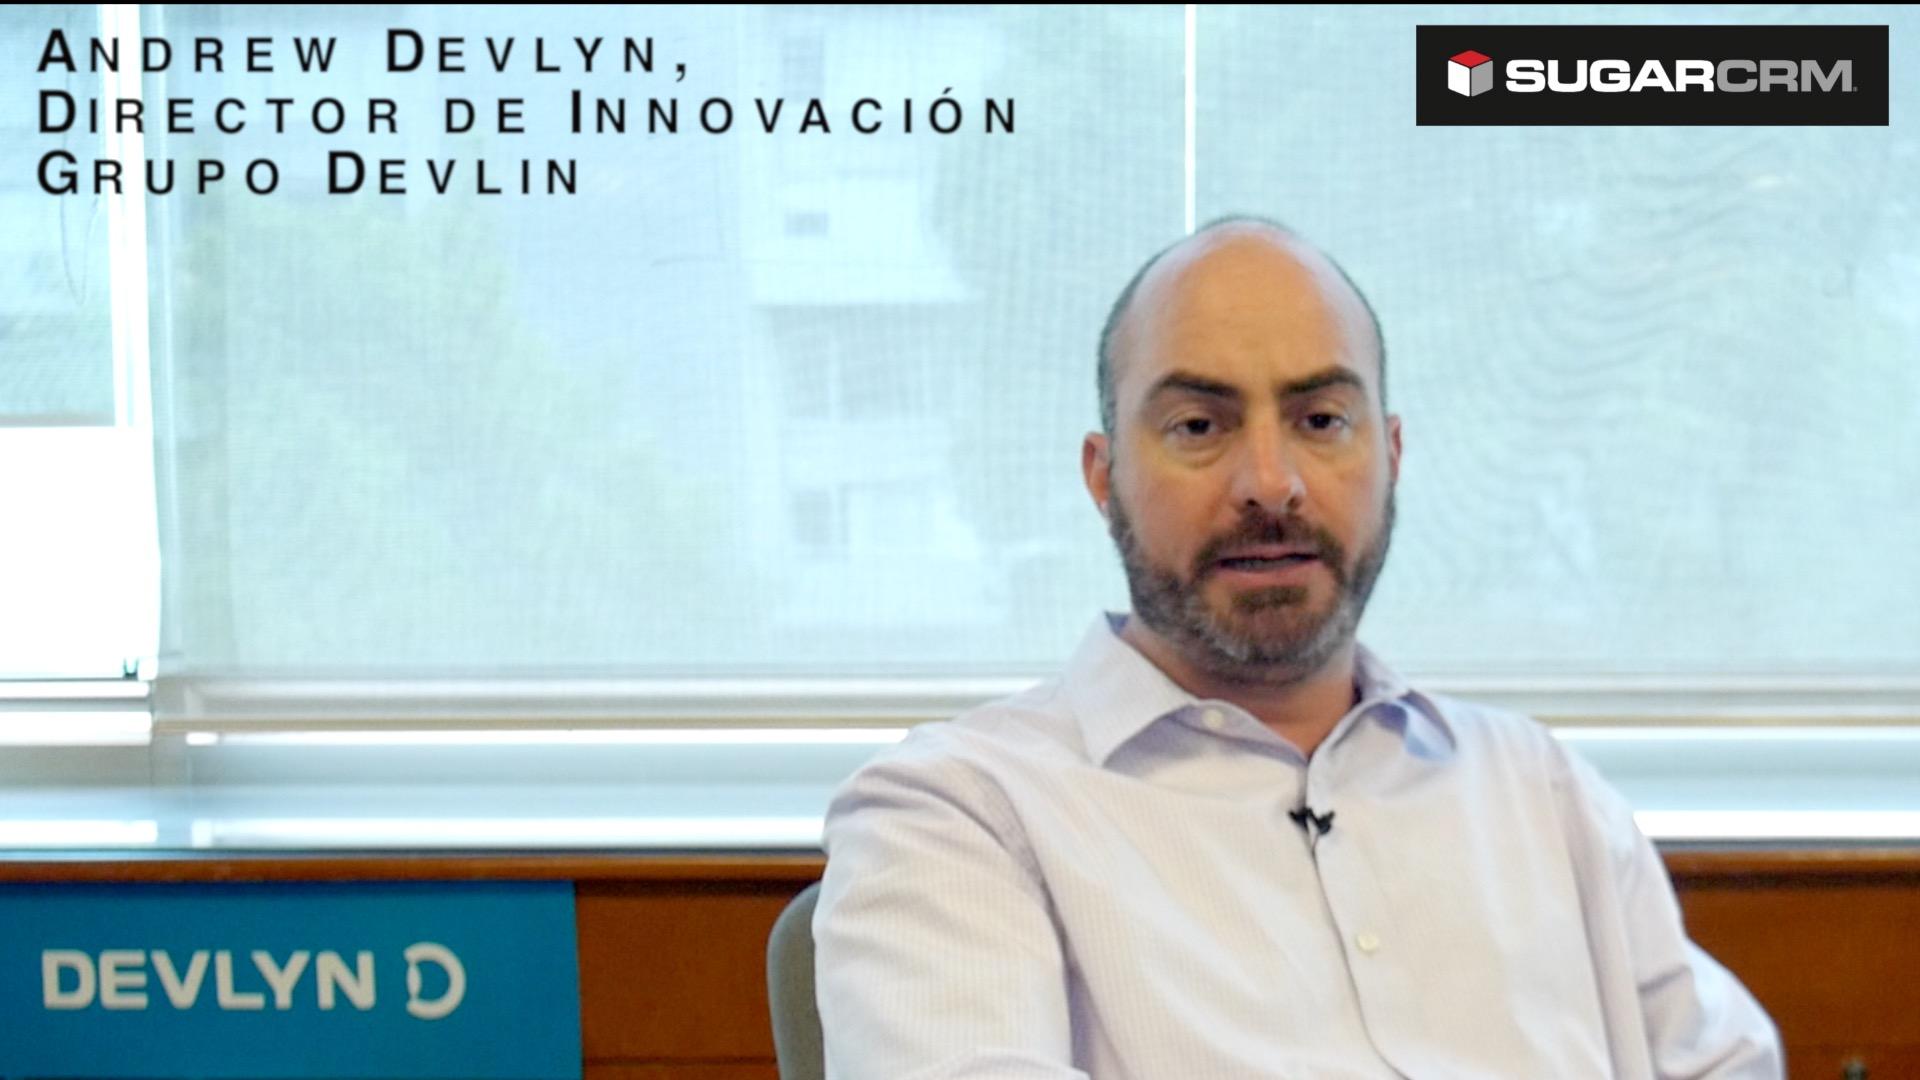 Andrew Devlyn, director de Innovación de Grupo Devlyn